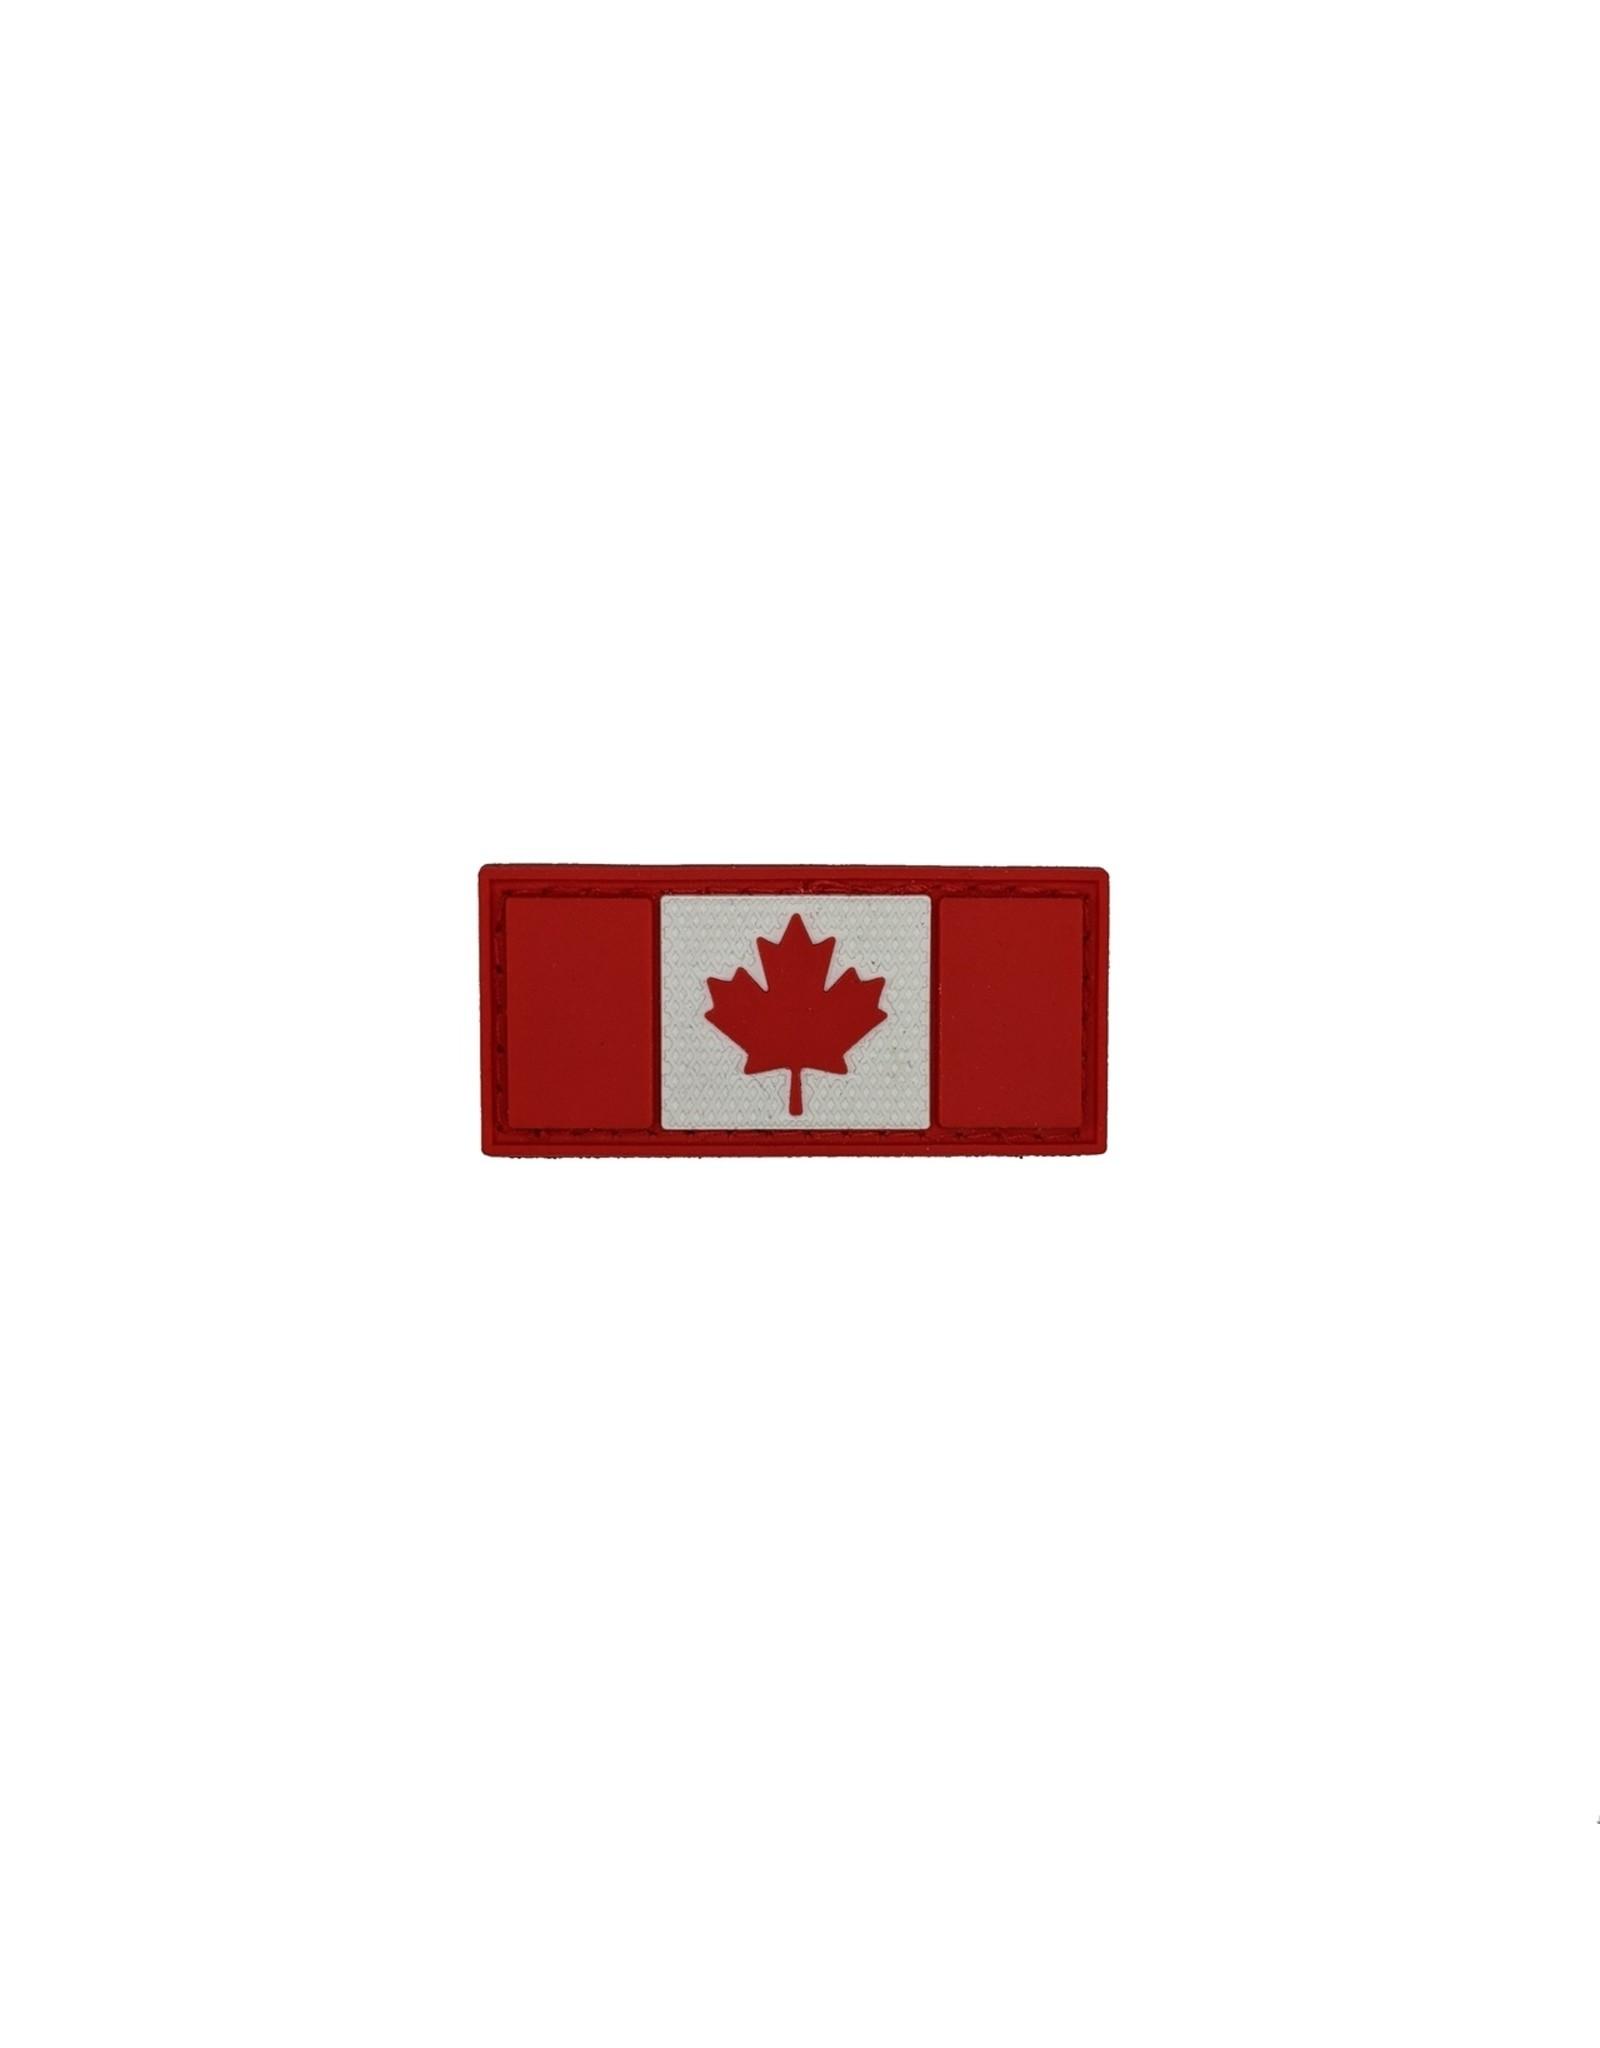 TIC Patch - CANADA FLAG 1X2 R&W